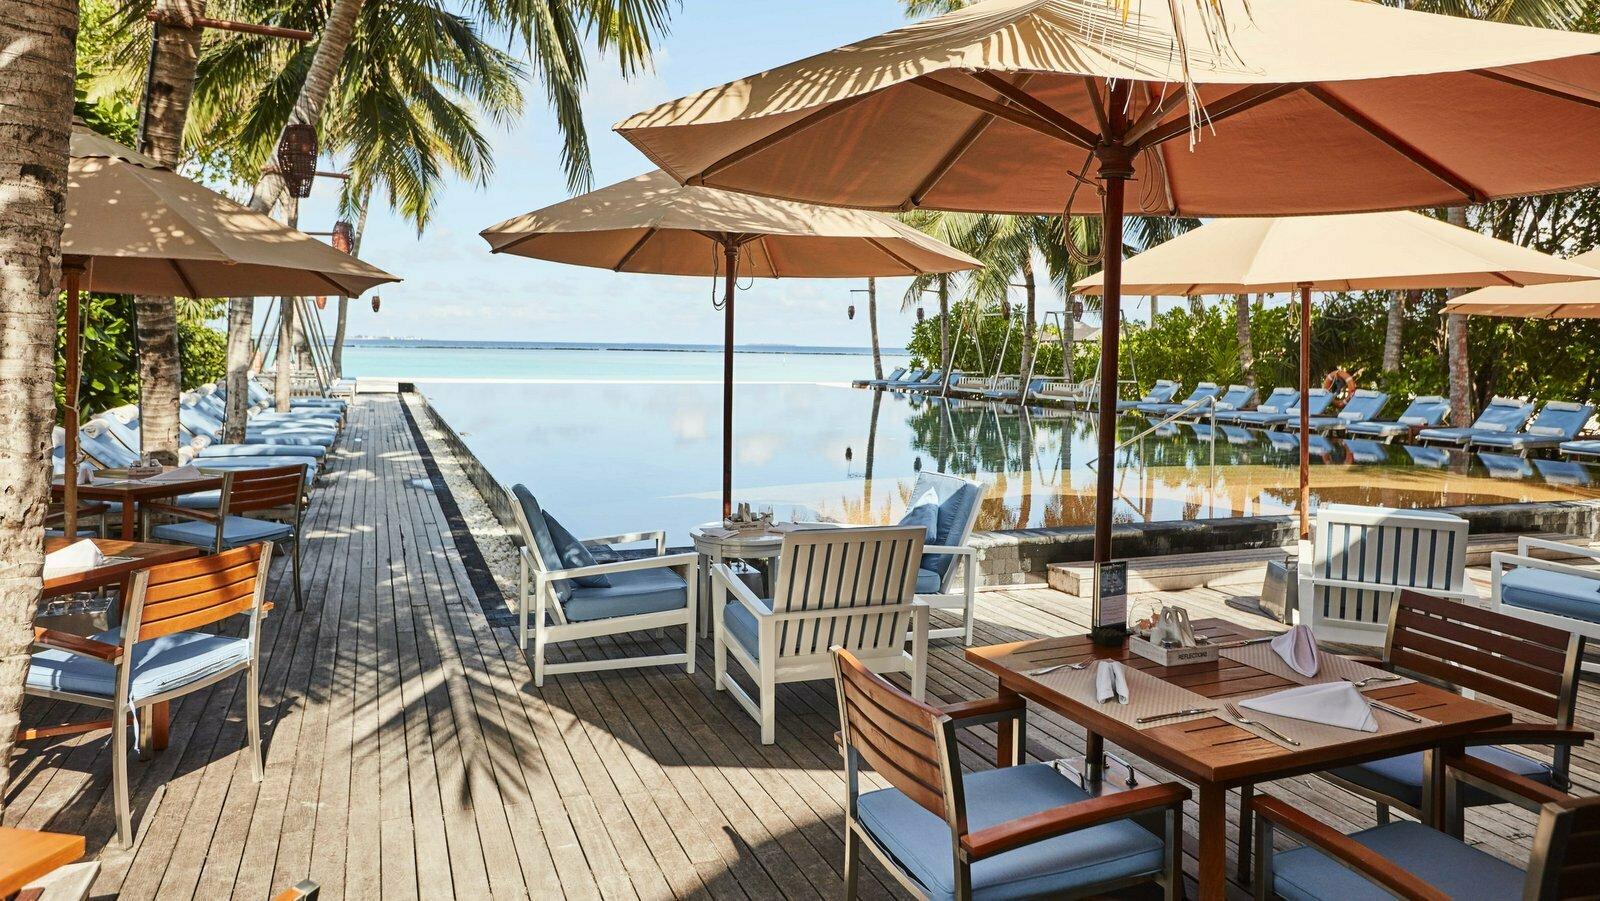 Мальдивы, отель Sun Siyam Iru Fushi, ресторан Reflections